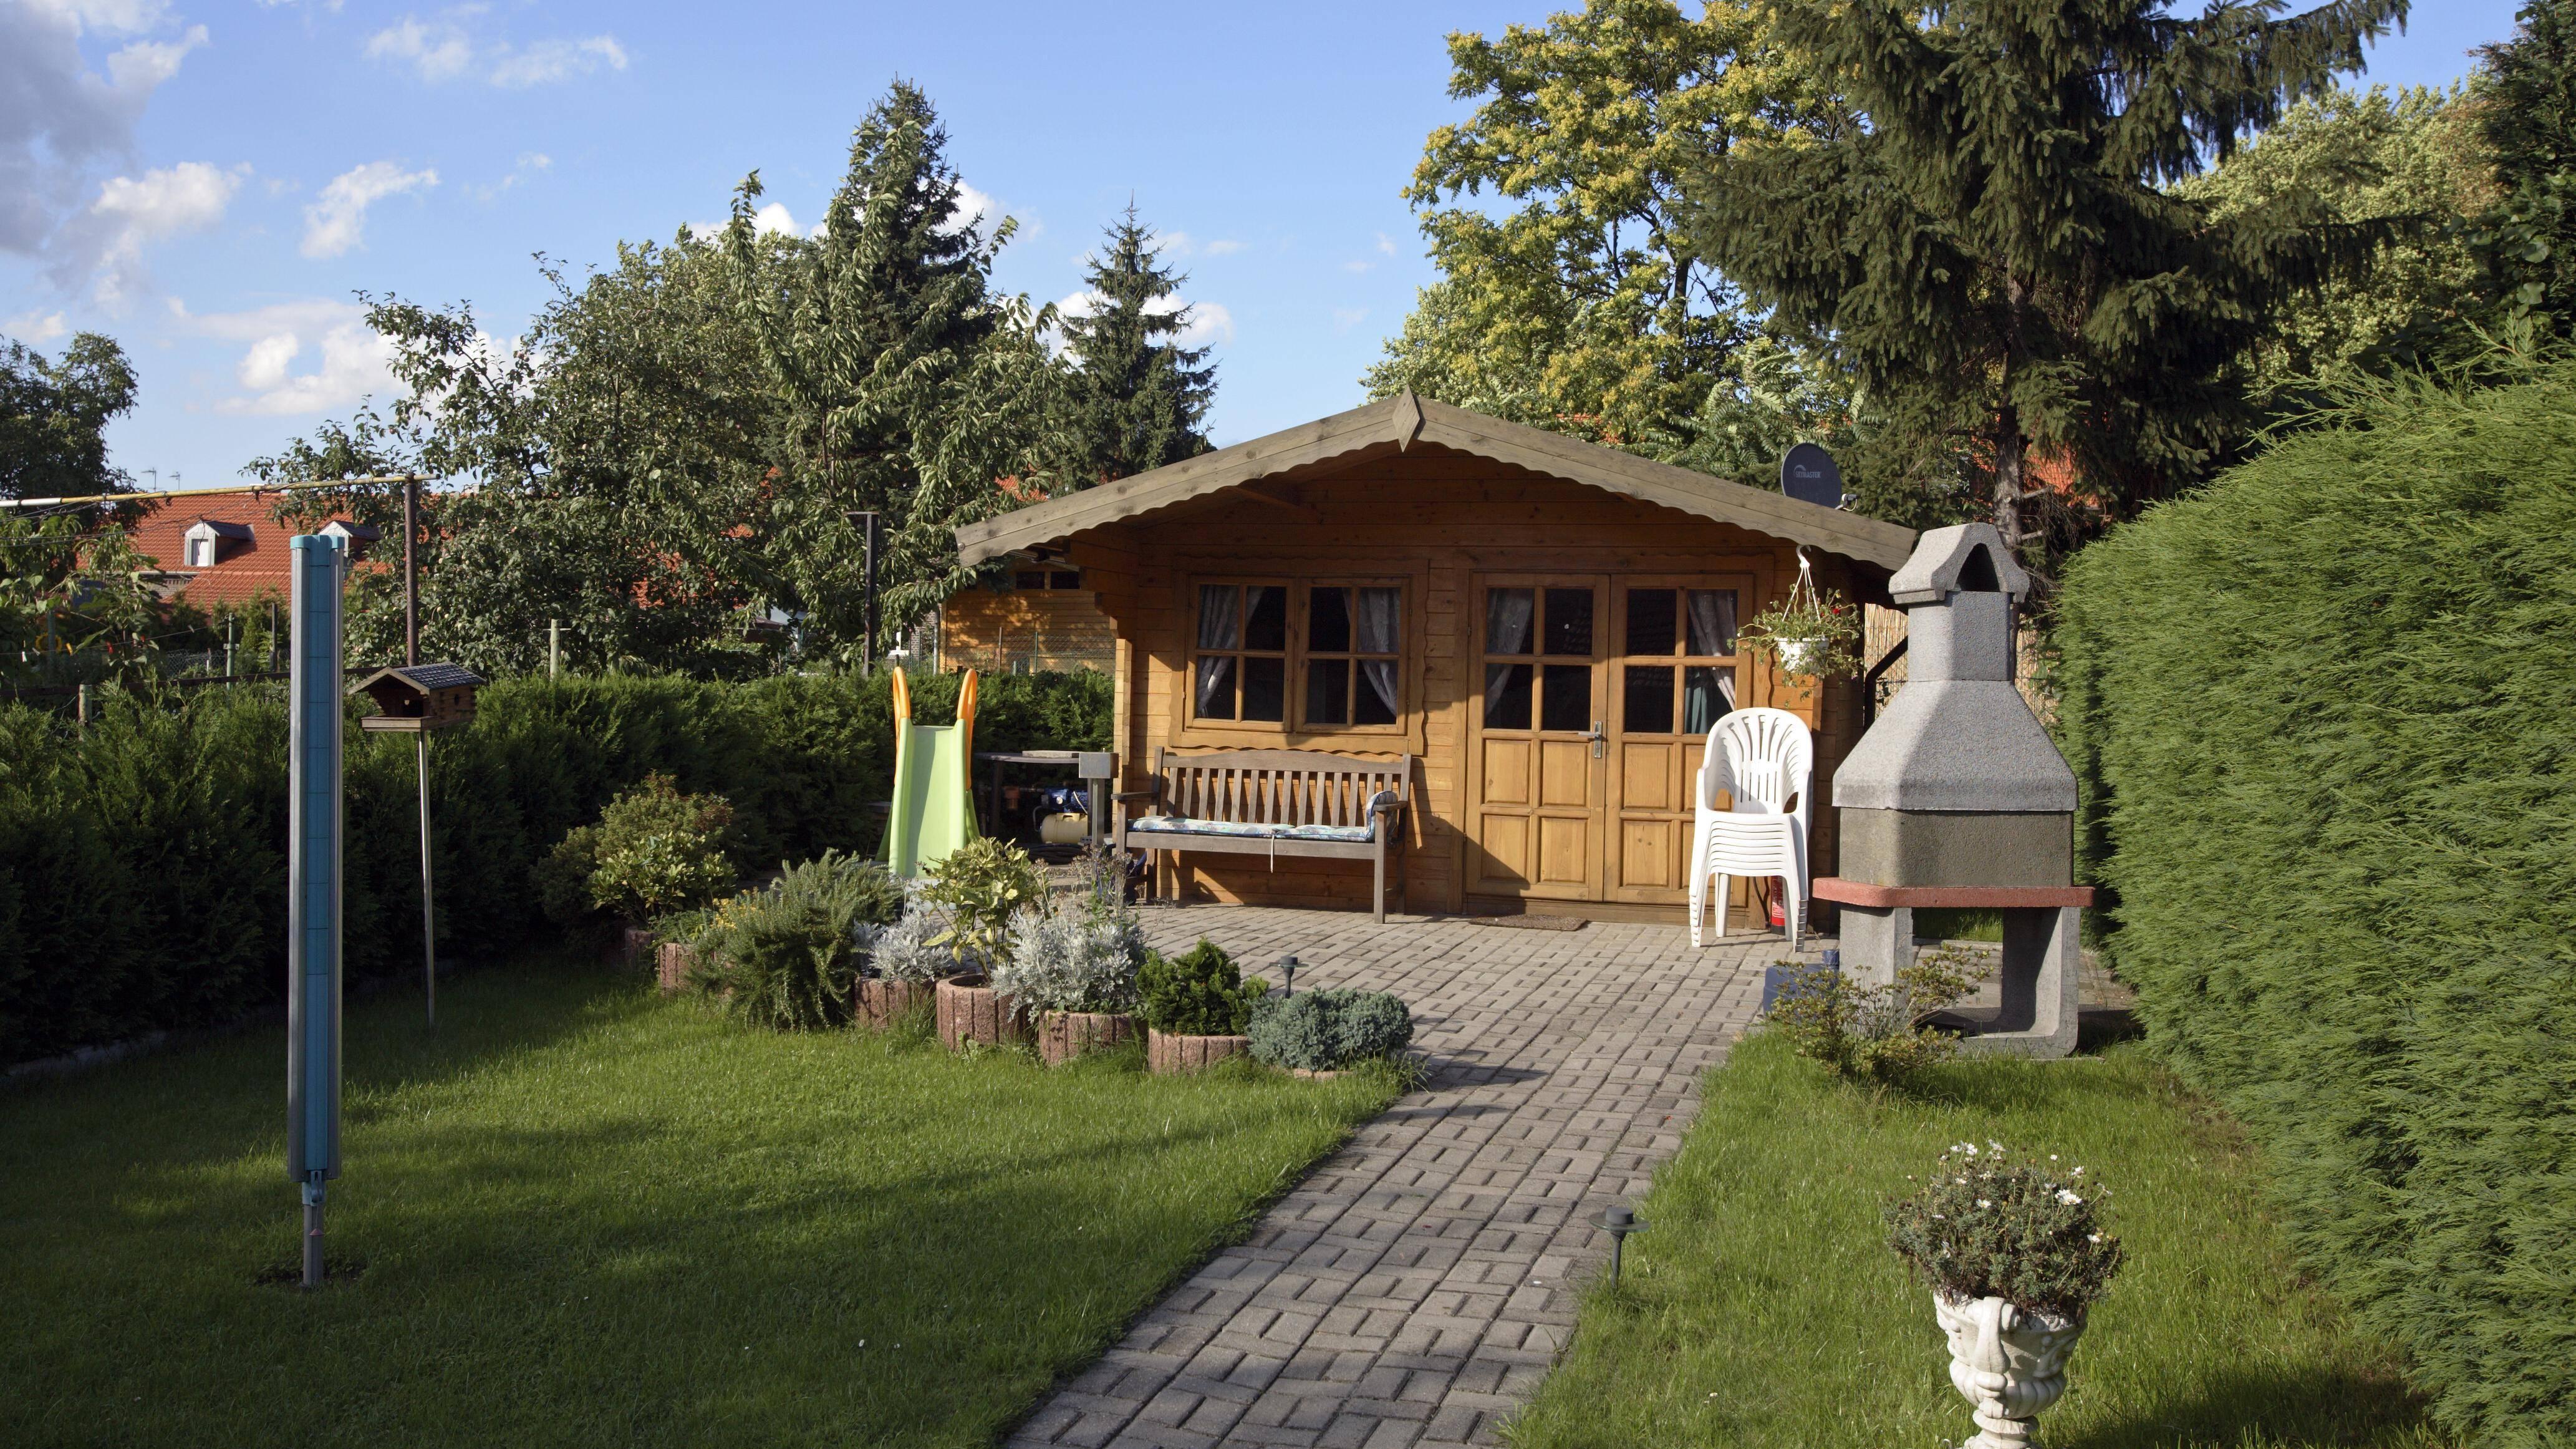 Wohnen im Gartenhaus ist nicht grundsätzlich verboten, bedarf aber einiger Genehmigungen und kann auch abgelehnt werden.